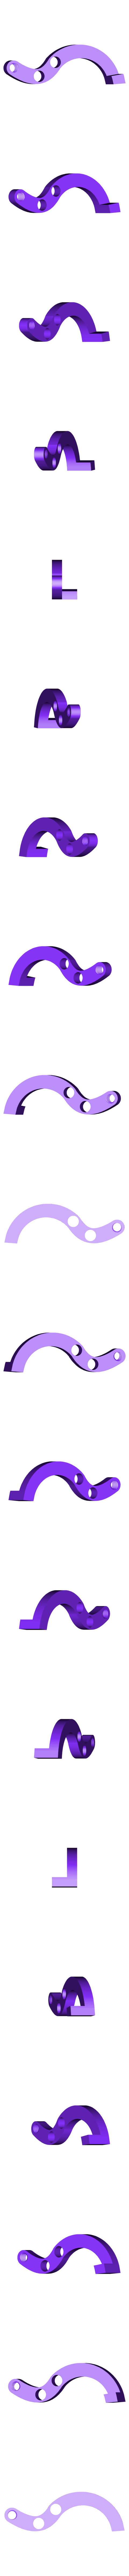 Arm_Front_Left.stl Télécharger fichier STL gratuit Cheval, Prototype • Design pour imprimante 3D, gzumwalt